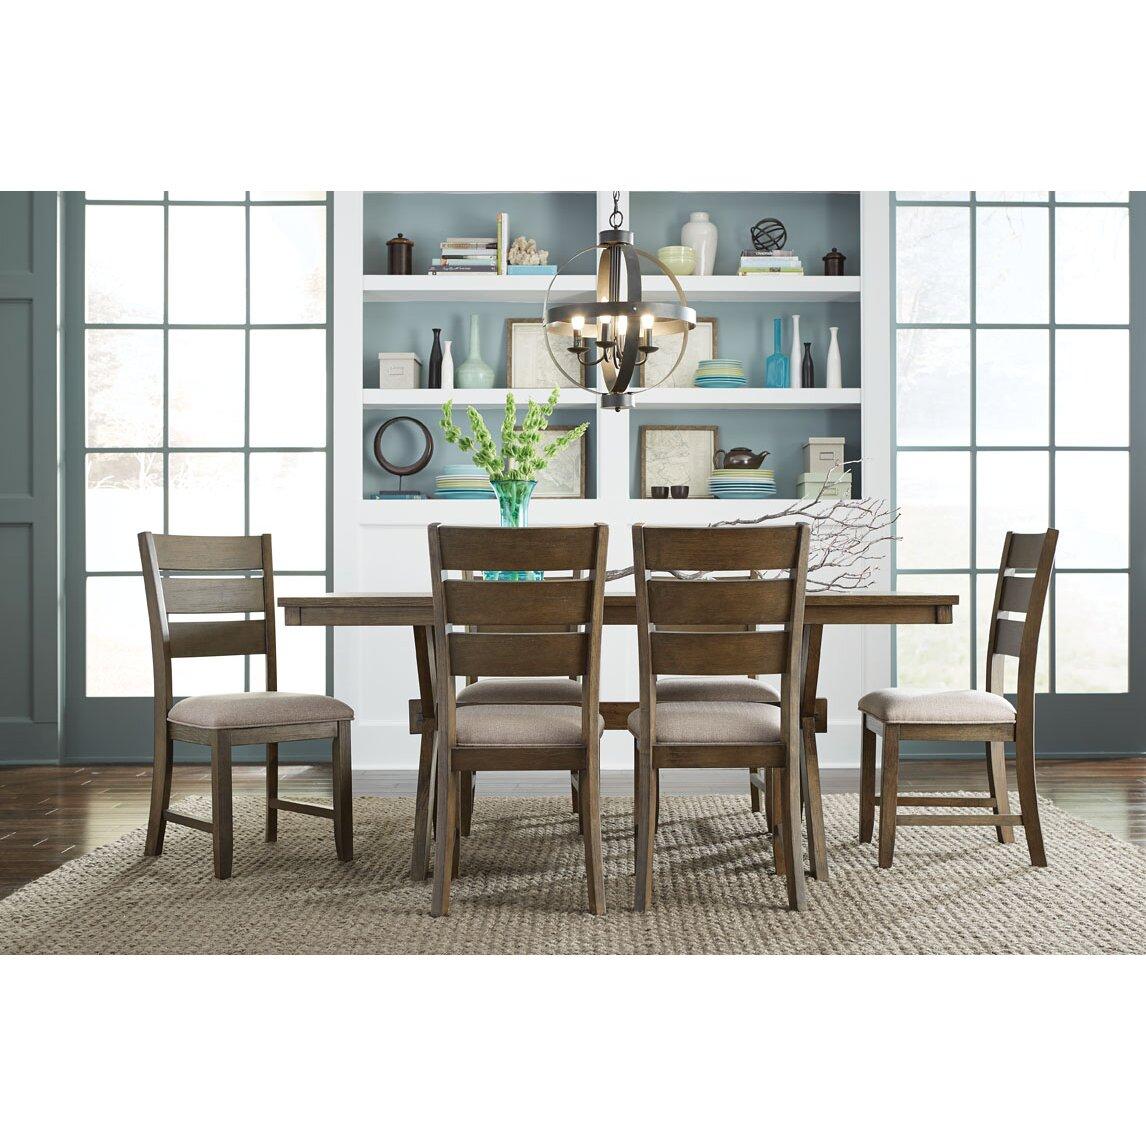 Standard Furniture Dining Room Sets: Standard Furniture 7 Piece Dining Set & Reviews